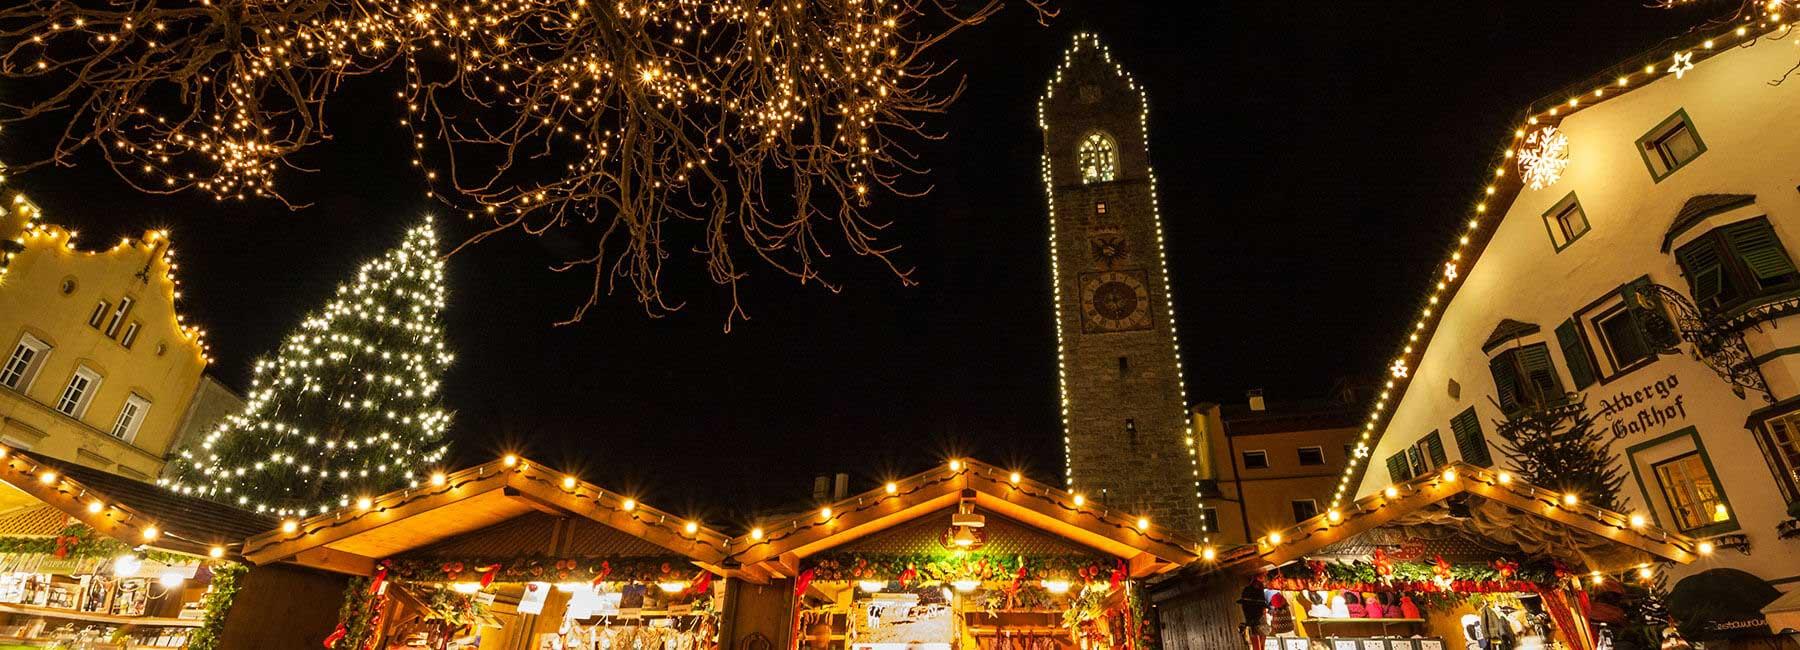 Norden Weihnachtsmarkt 2019.Weihnachtsmärkte Und Christkindlmärkte In Südtirol